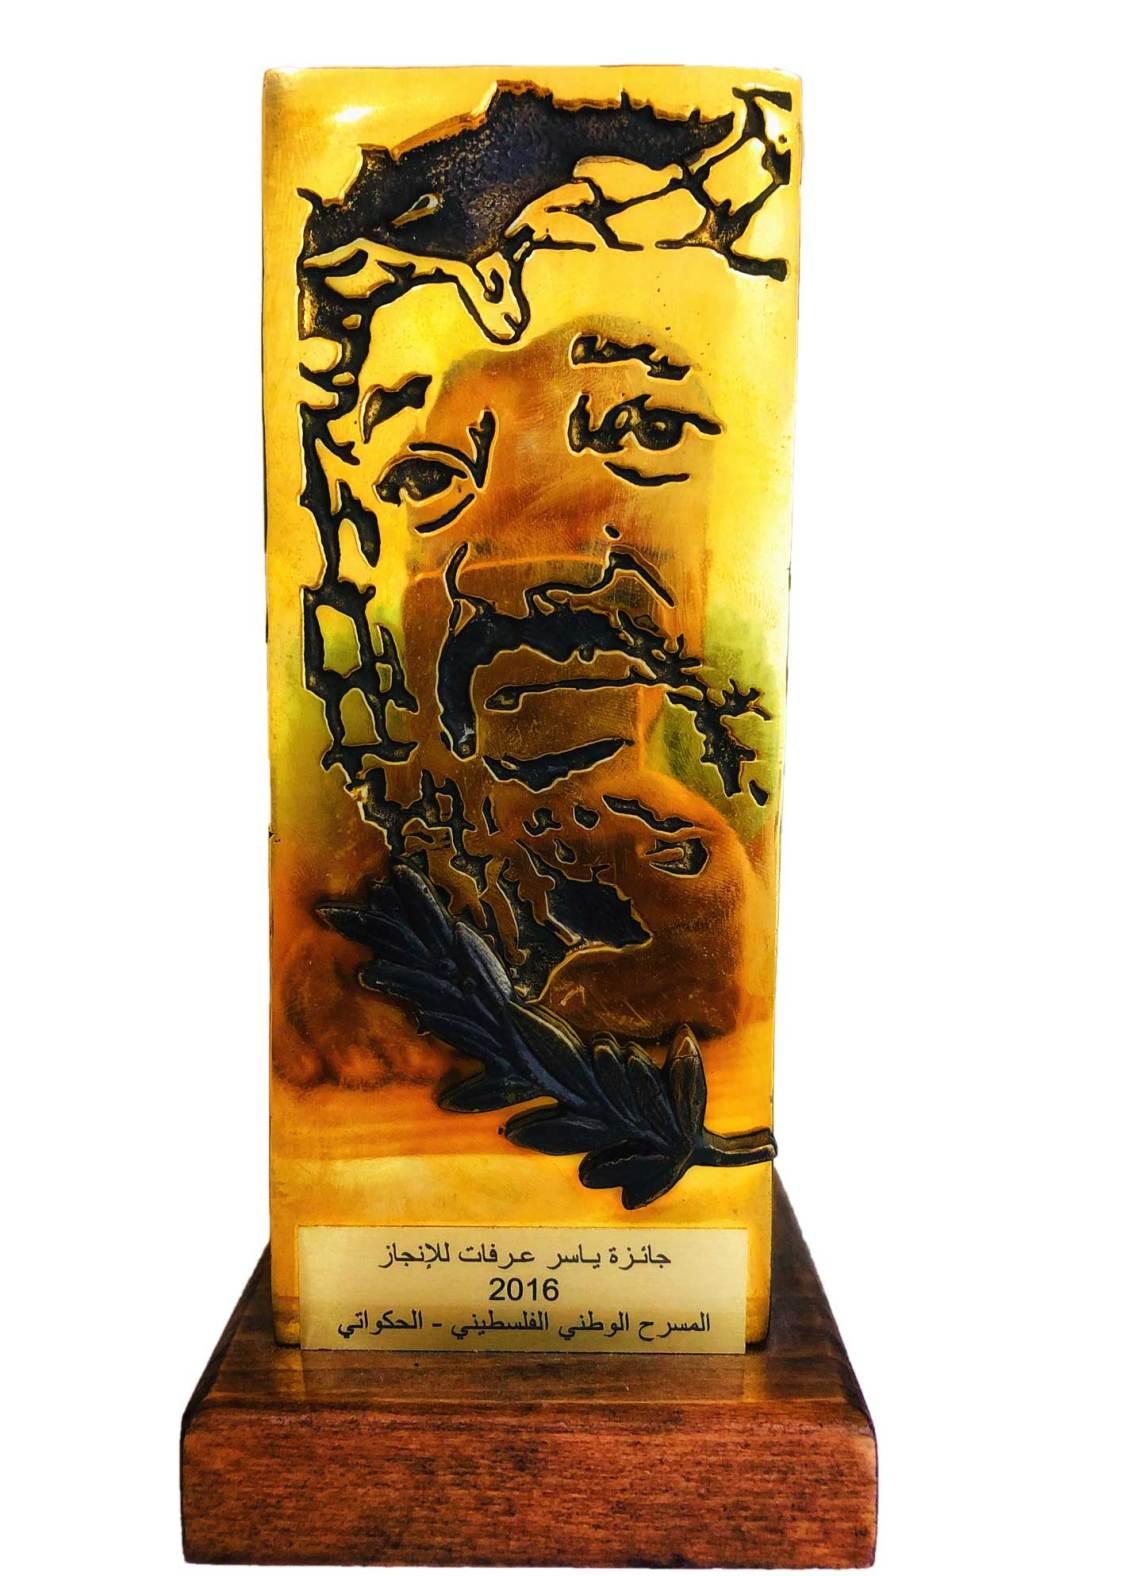 جائزة ياسر عرفات للتميز والإبداع لعام 2016